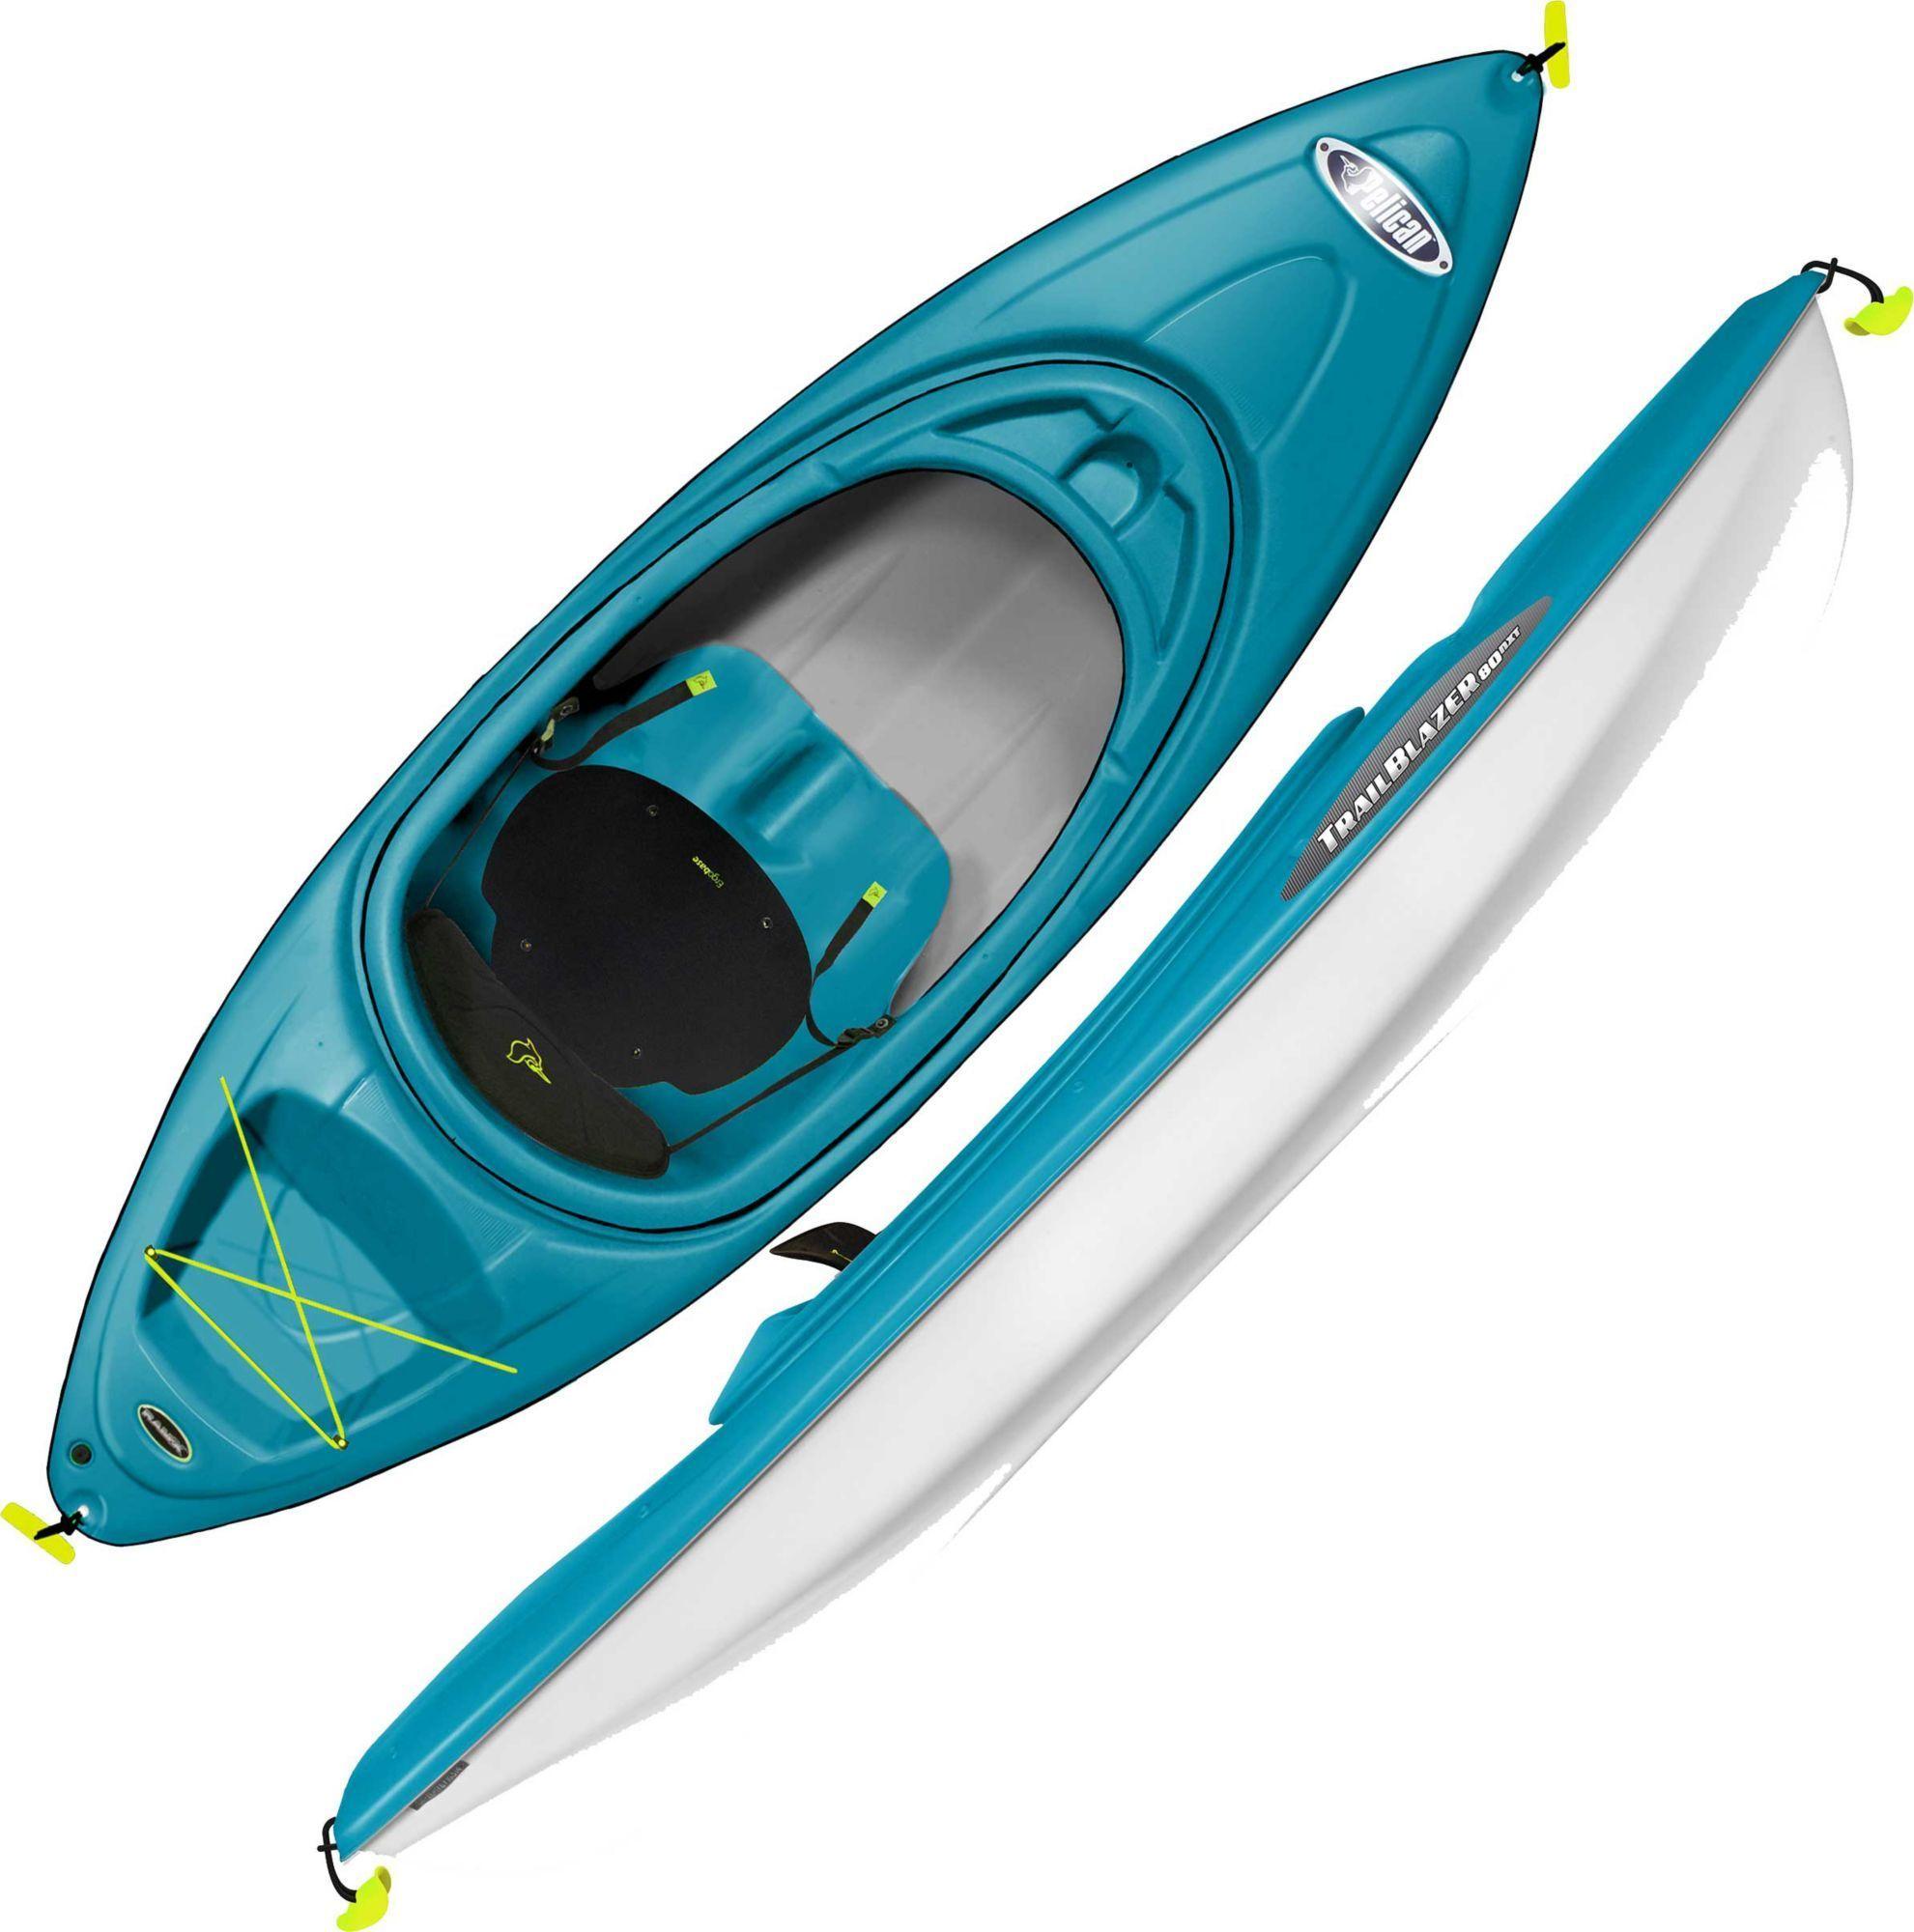 Pelican Trailblazer 80 NXT Kayak, Blue Kayak accessories